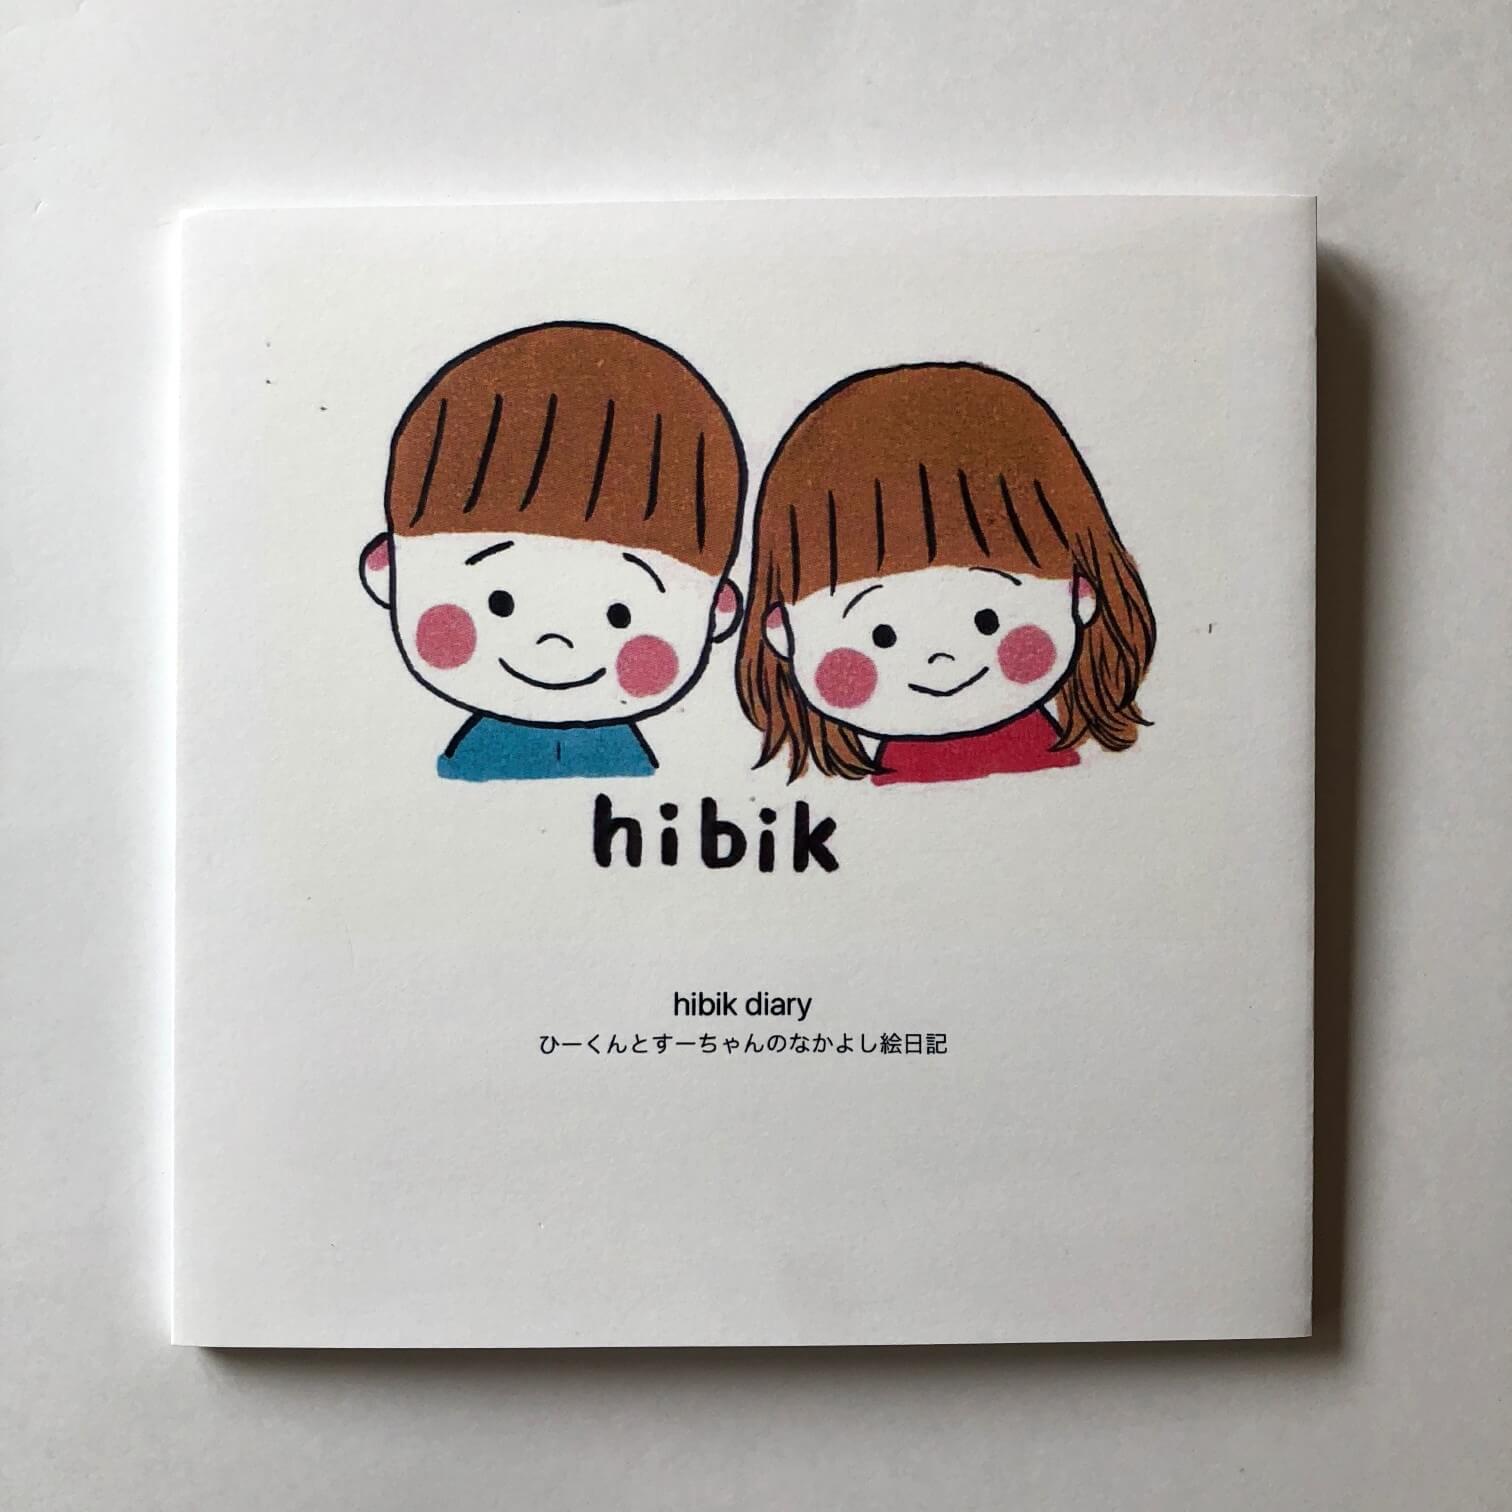 hibik diary